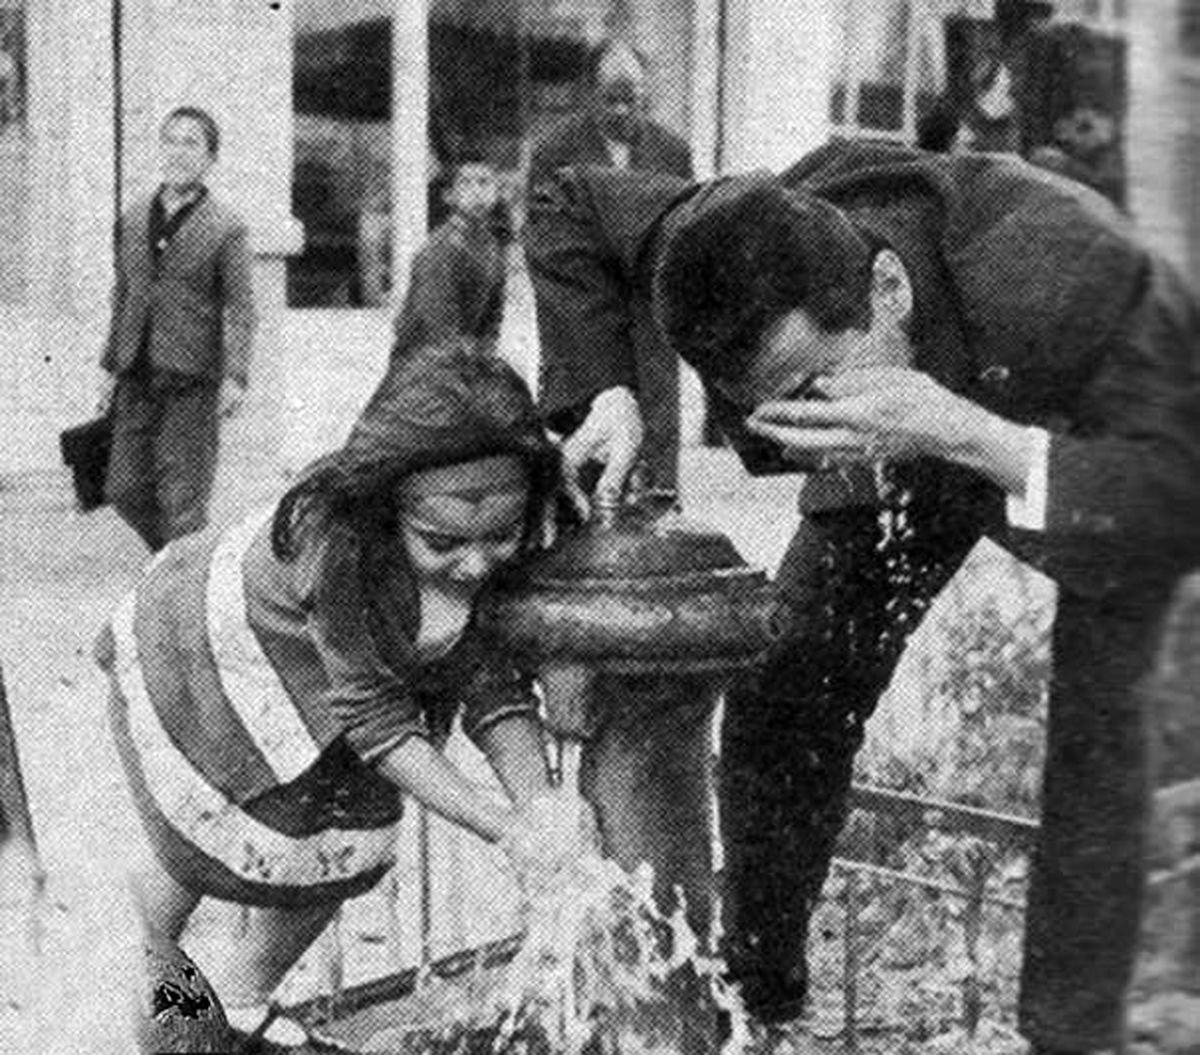 تصویری خاطره انگیز از شیرهای فشاری آب در معابر